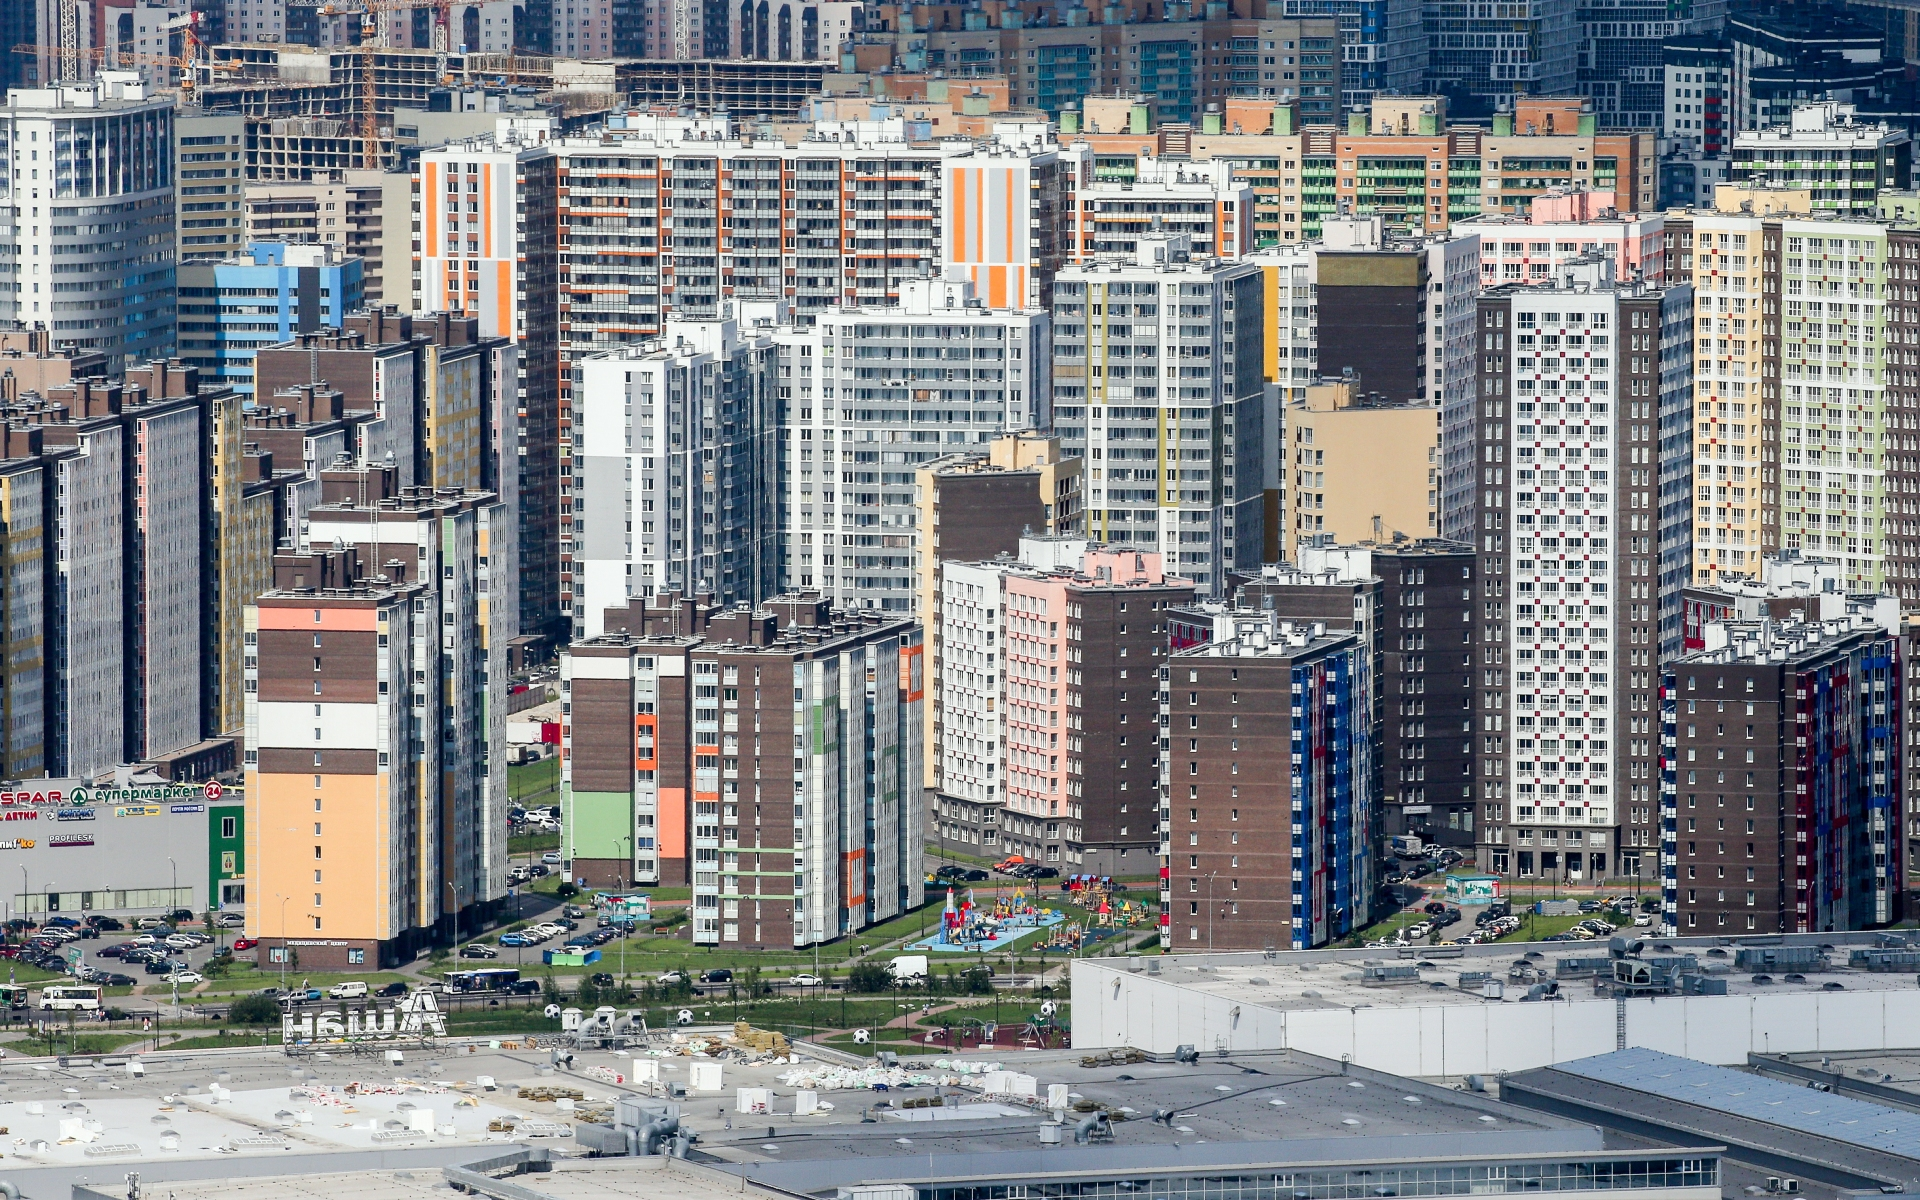 Минимальная средняя площадь квартиры в строящемся доме в сентябре 2021 года зафиксирована в Ленобласти